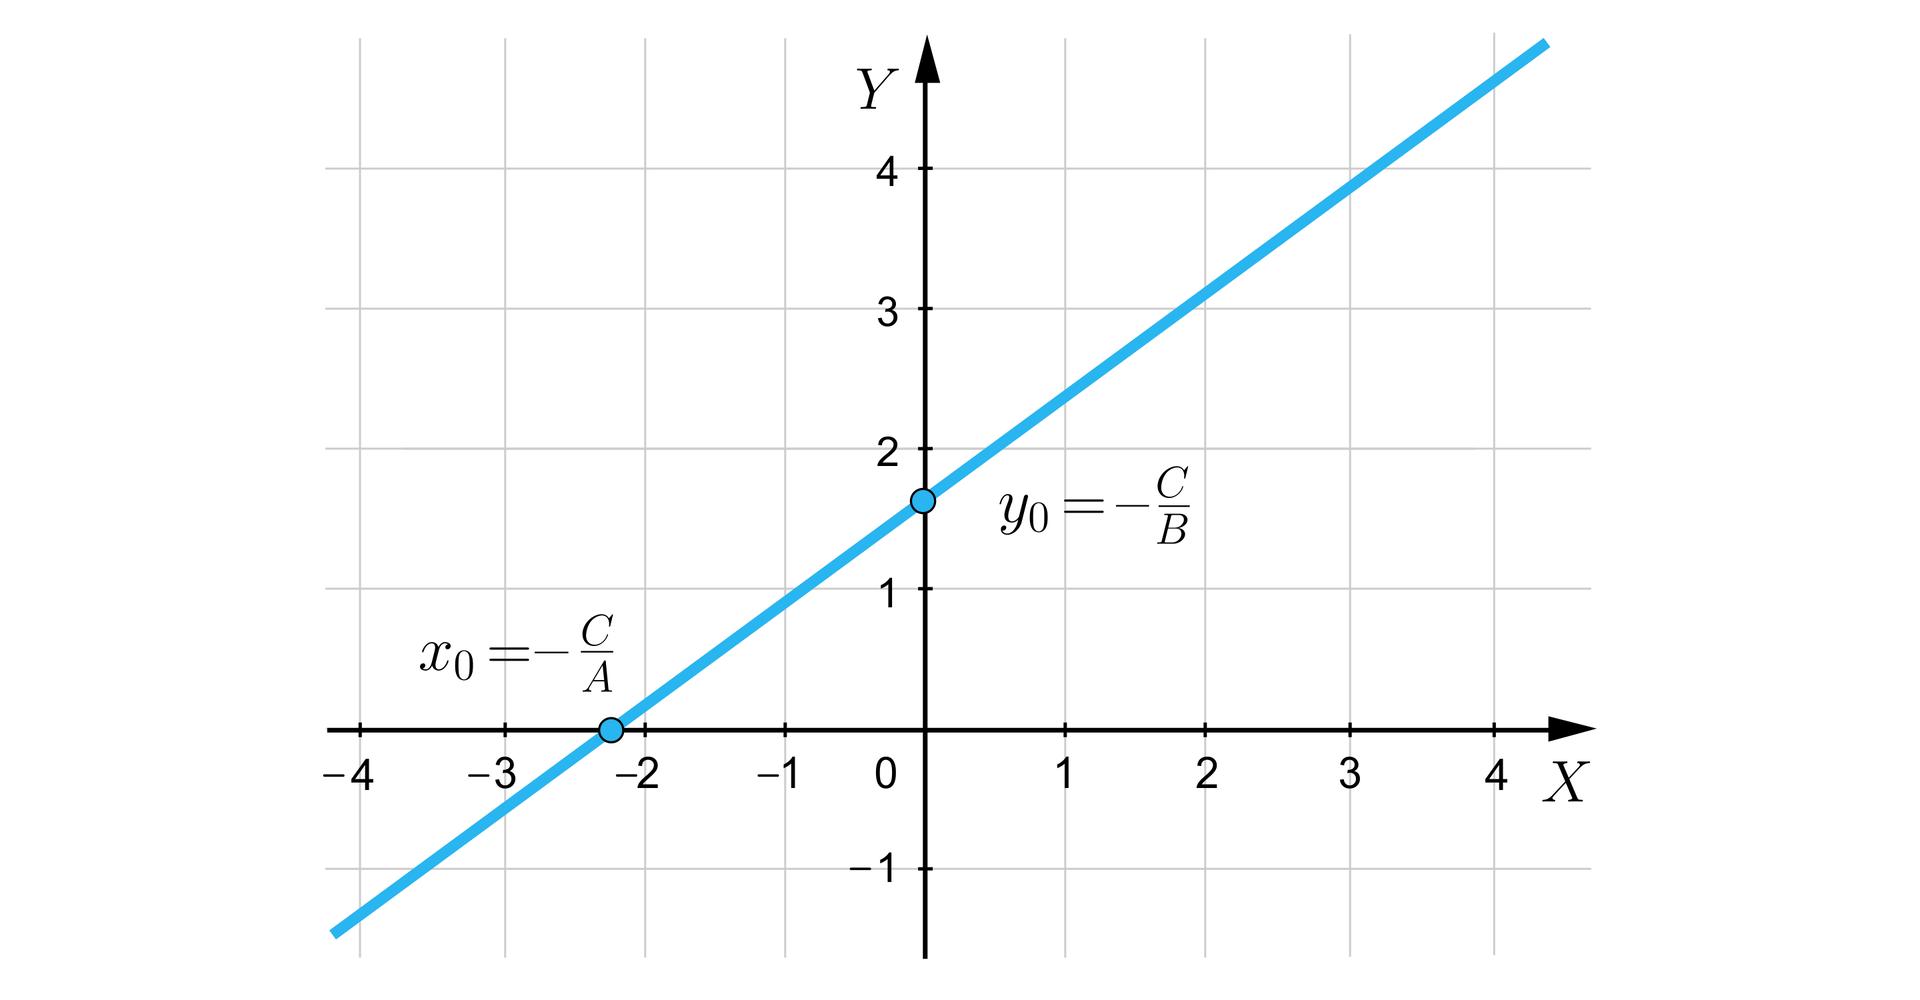 Ilustracja przedstawia układ współrzędnych iks igrek. Przez puntky iks równa się minus dwa ijedna trzecia oraz igrek równa się jeden itrzy czwarte, biegnie prosta. Punkty te opisano jako iks zero równa się minus ce przez aoraz igrek zero równa się minus ce przez be.